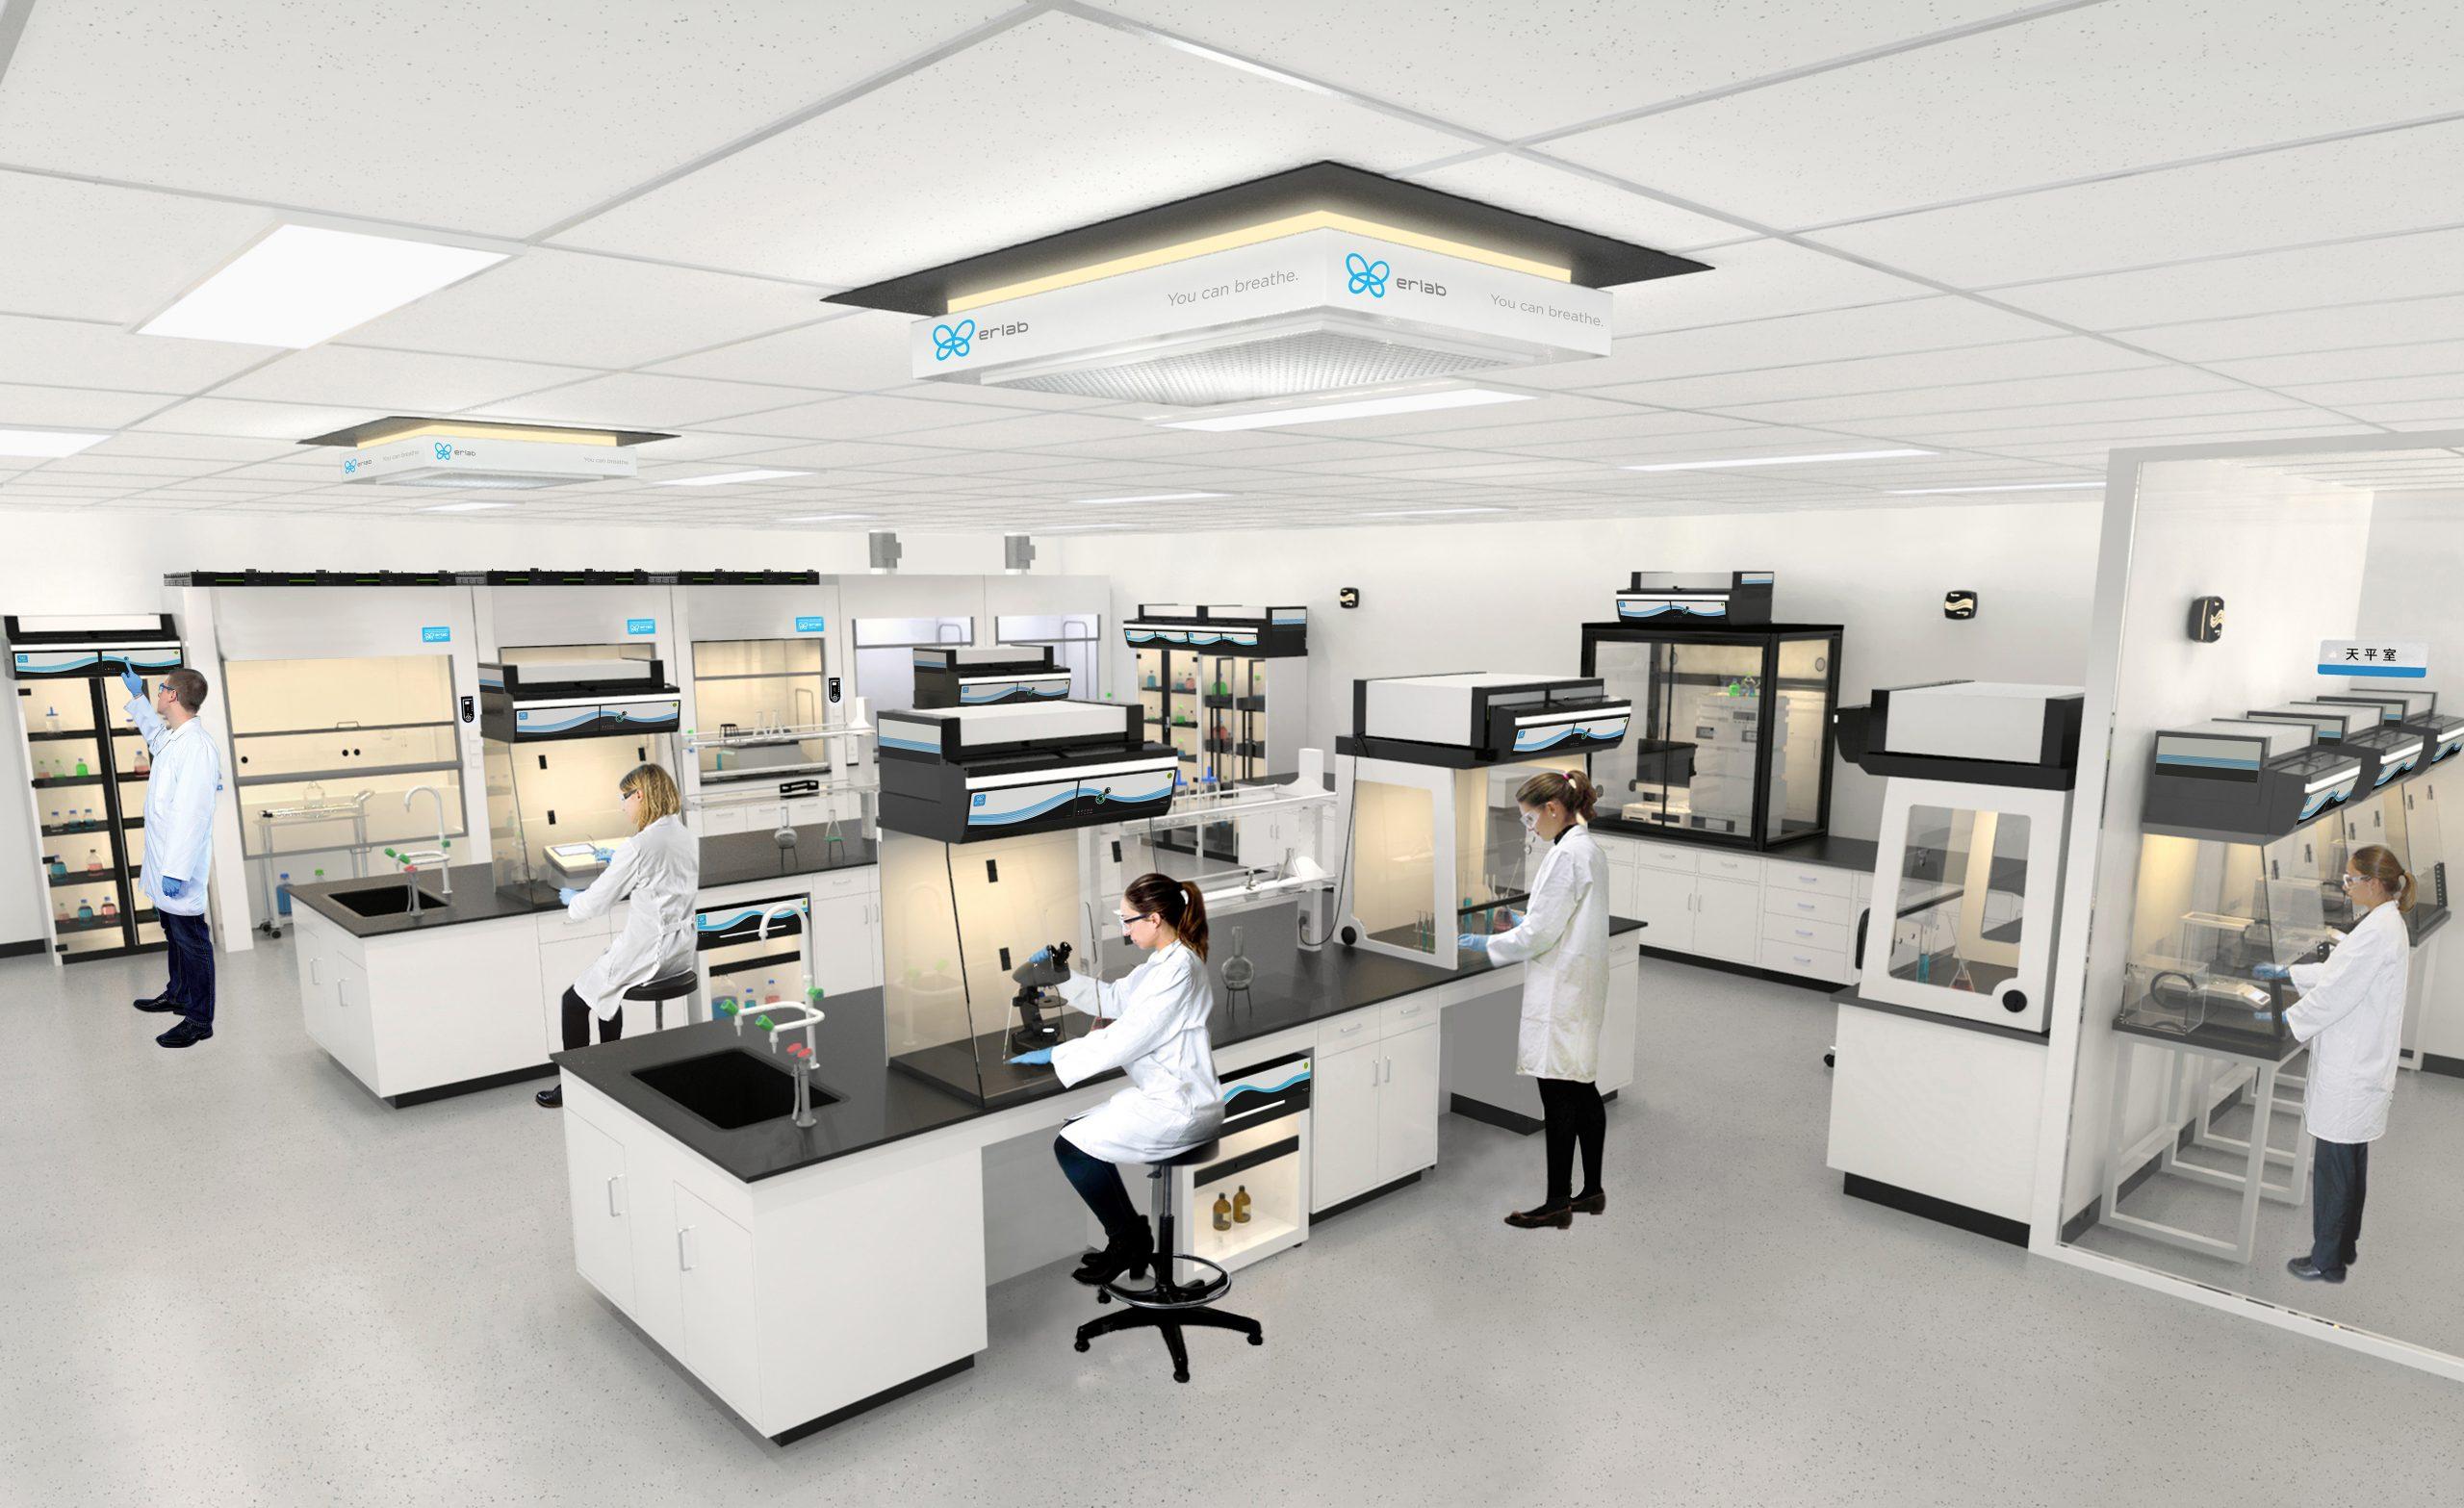 实验室规划设计趋势之一灵活性   无风管通风柜的灵活性如何实现?